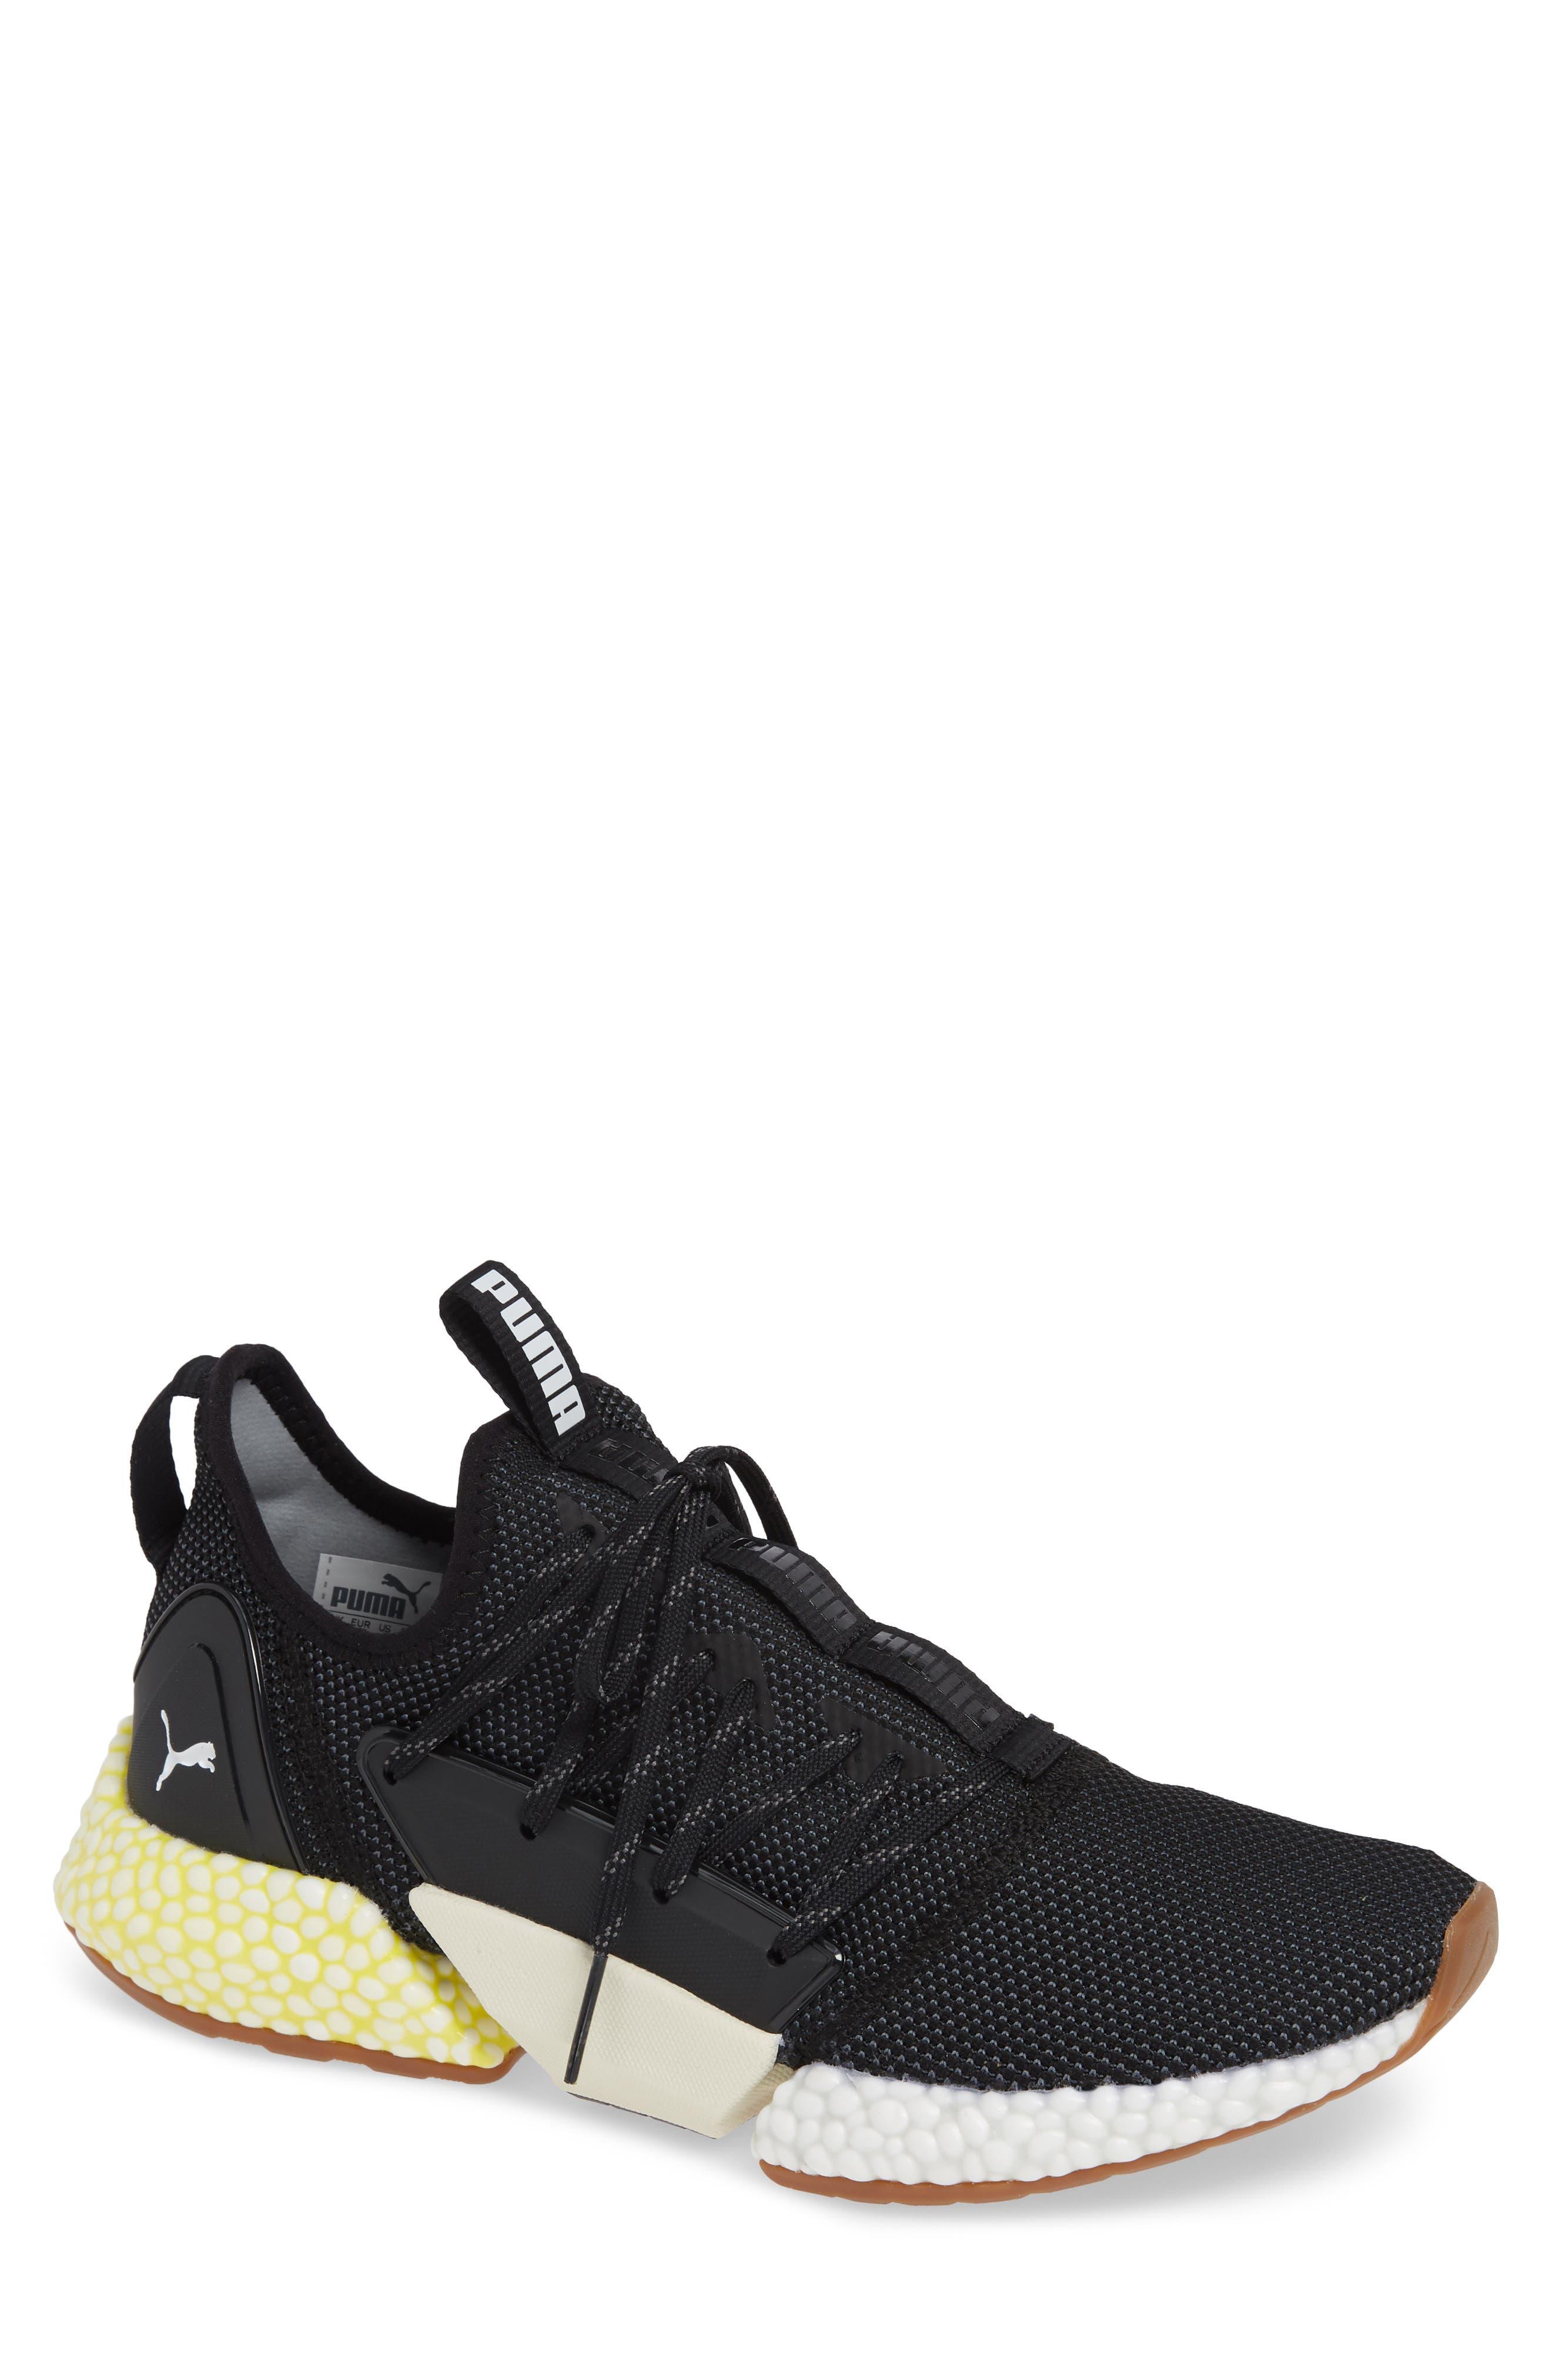 Hybrid Rocket Runner Sneaker,                         Main,                         color, BLACK/ WHITE/ BLAZING YELLOW